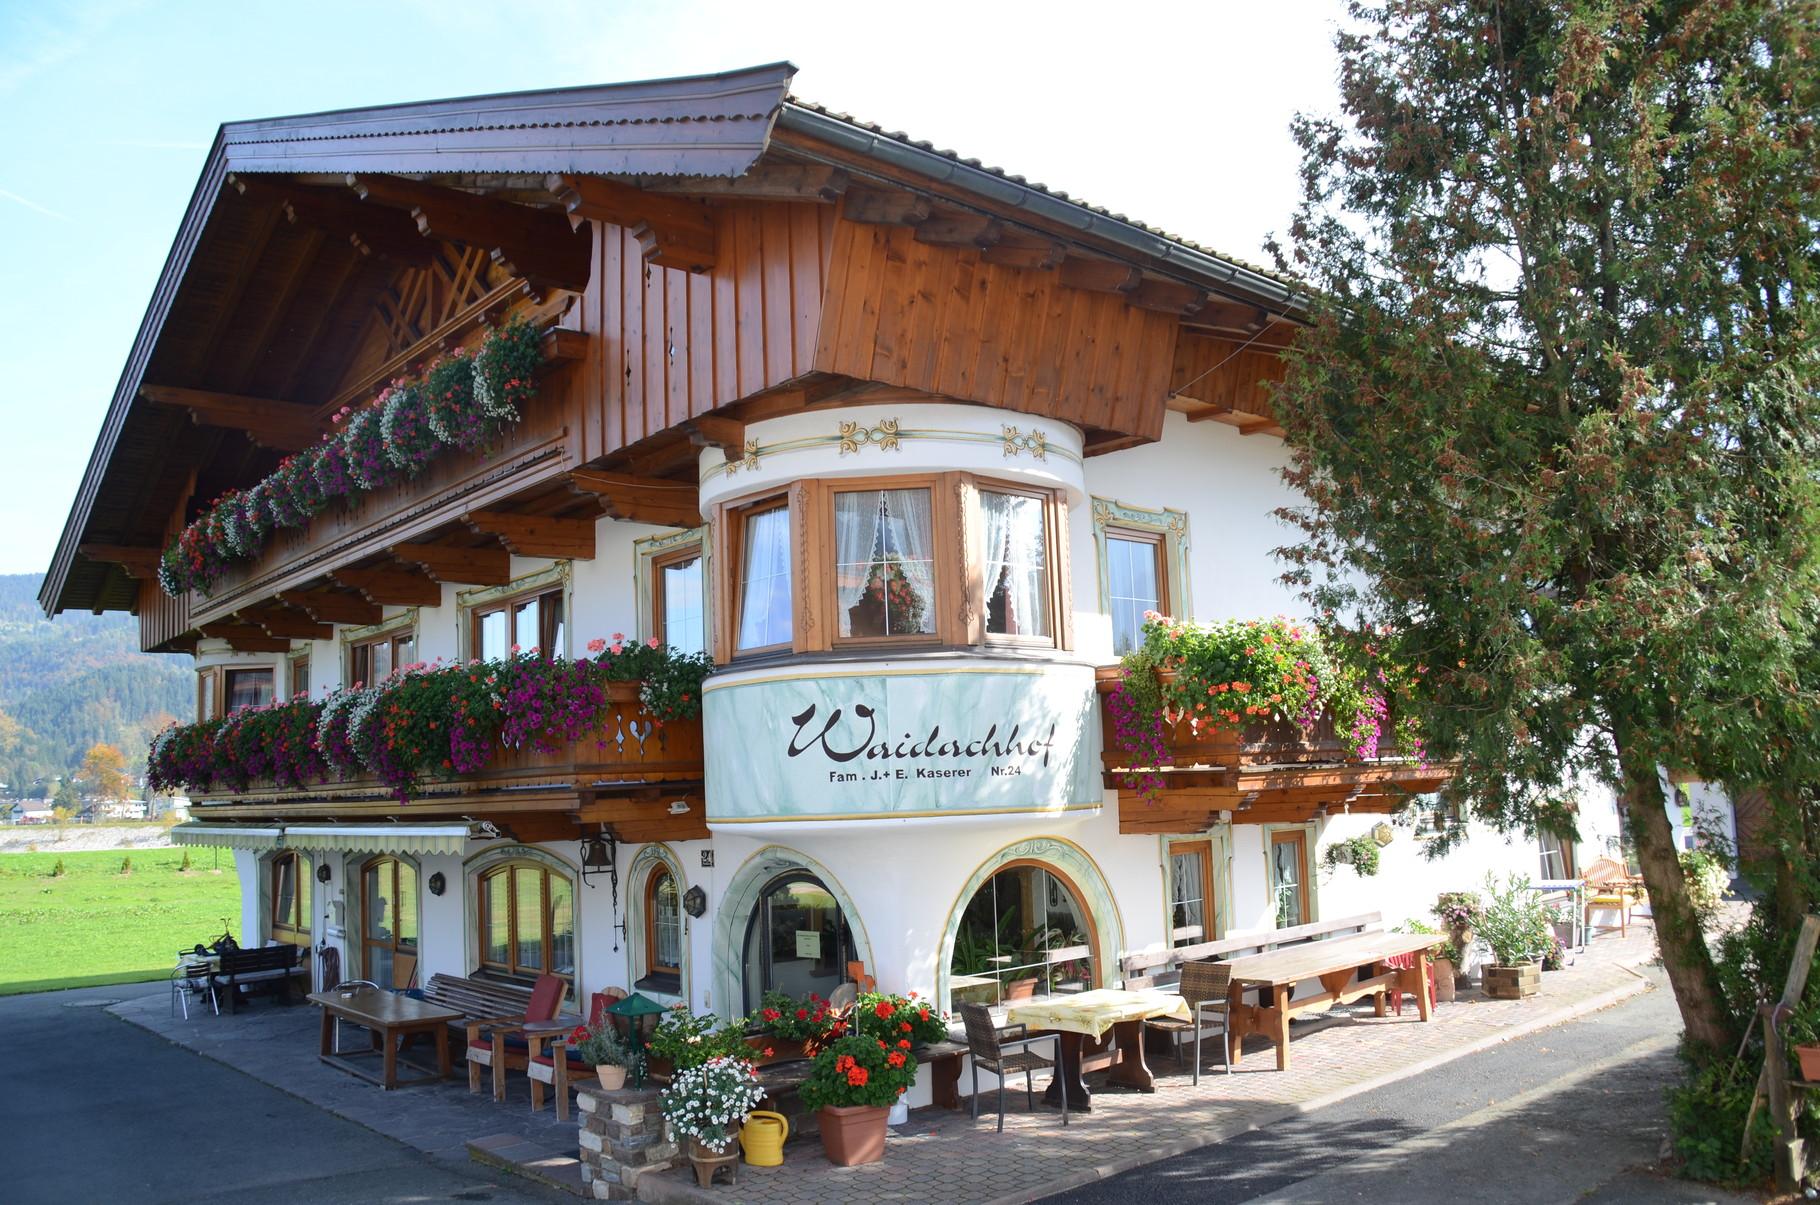 15 Meter hinter dem Hotel liegt die Pension Waidachhof